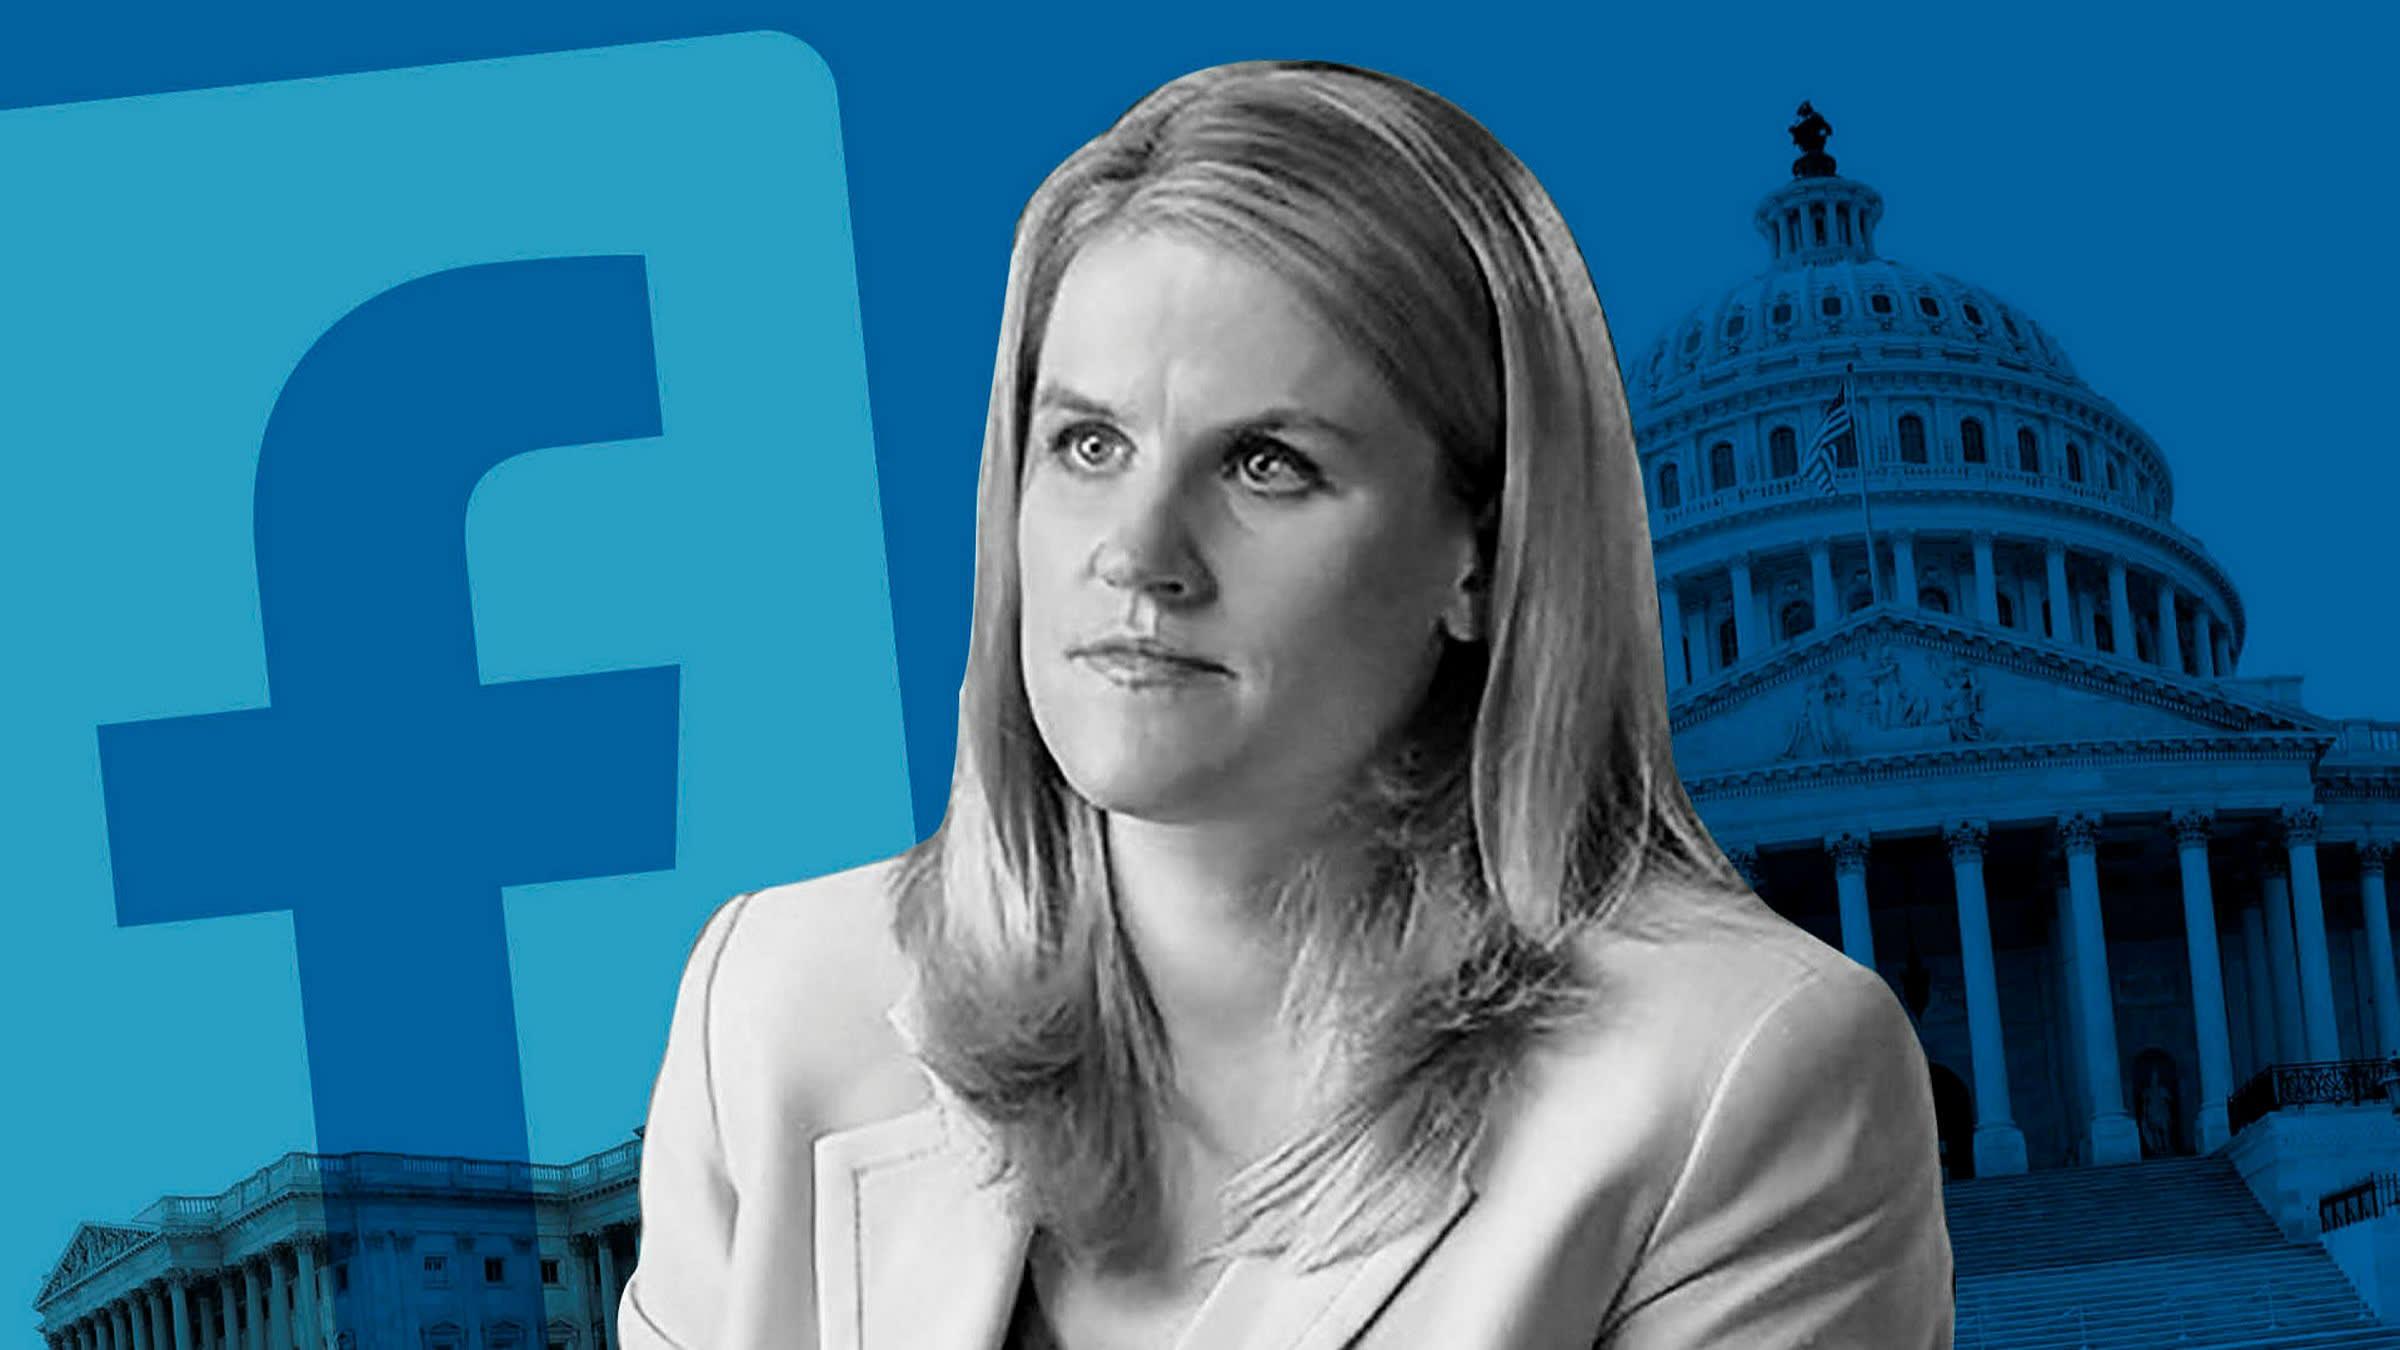 Eski Bir Facebook Çalışanı ve Ünlü Bir Muhbir Olan Frances Haugen, Kripto Para Yatırımları ile Dikkat Çekiyor